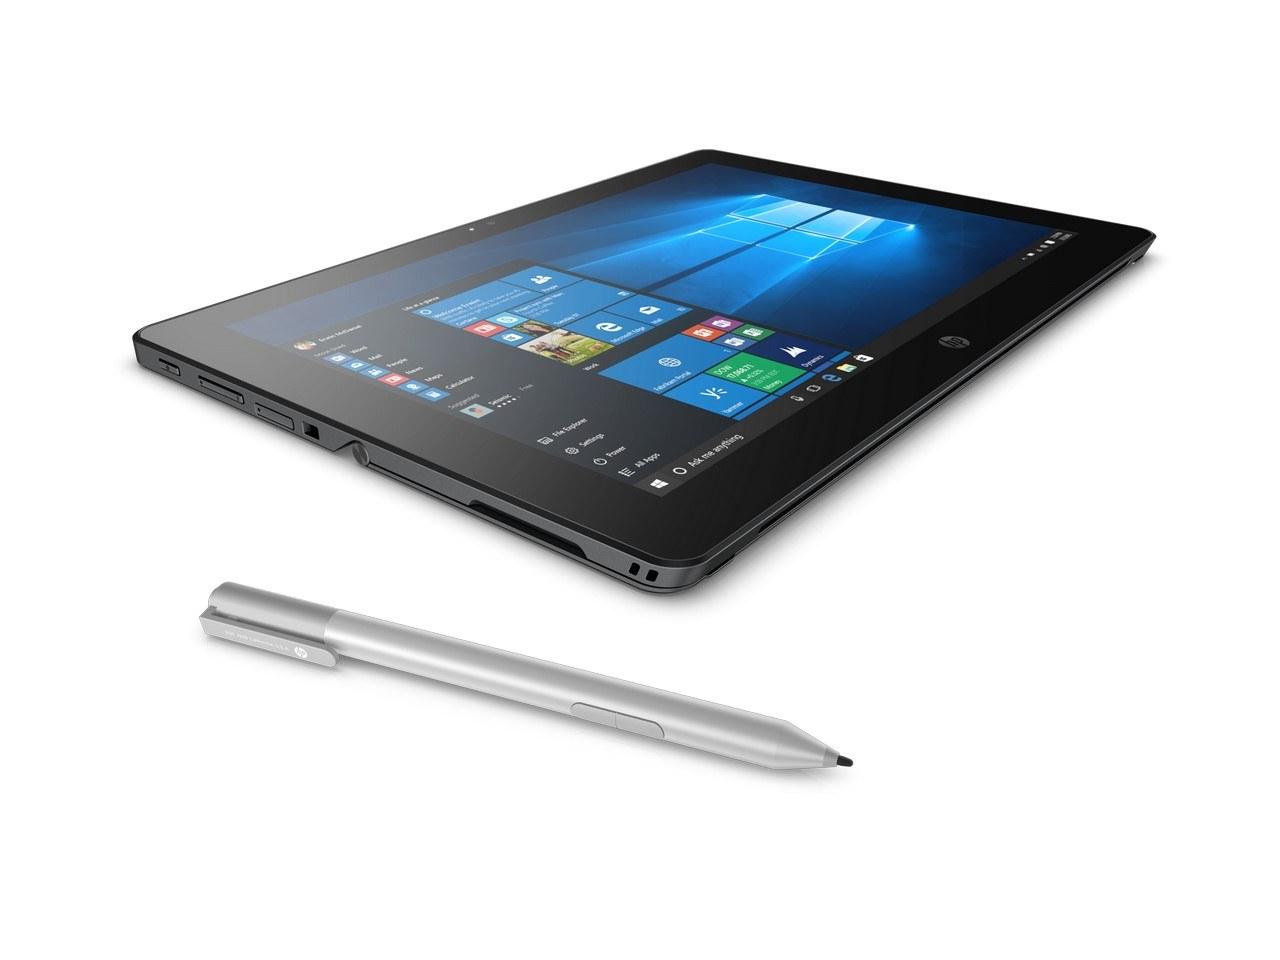 Pro-x2-with-stylus